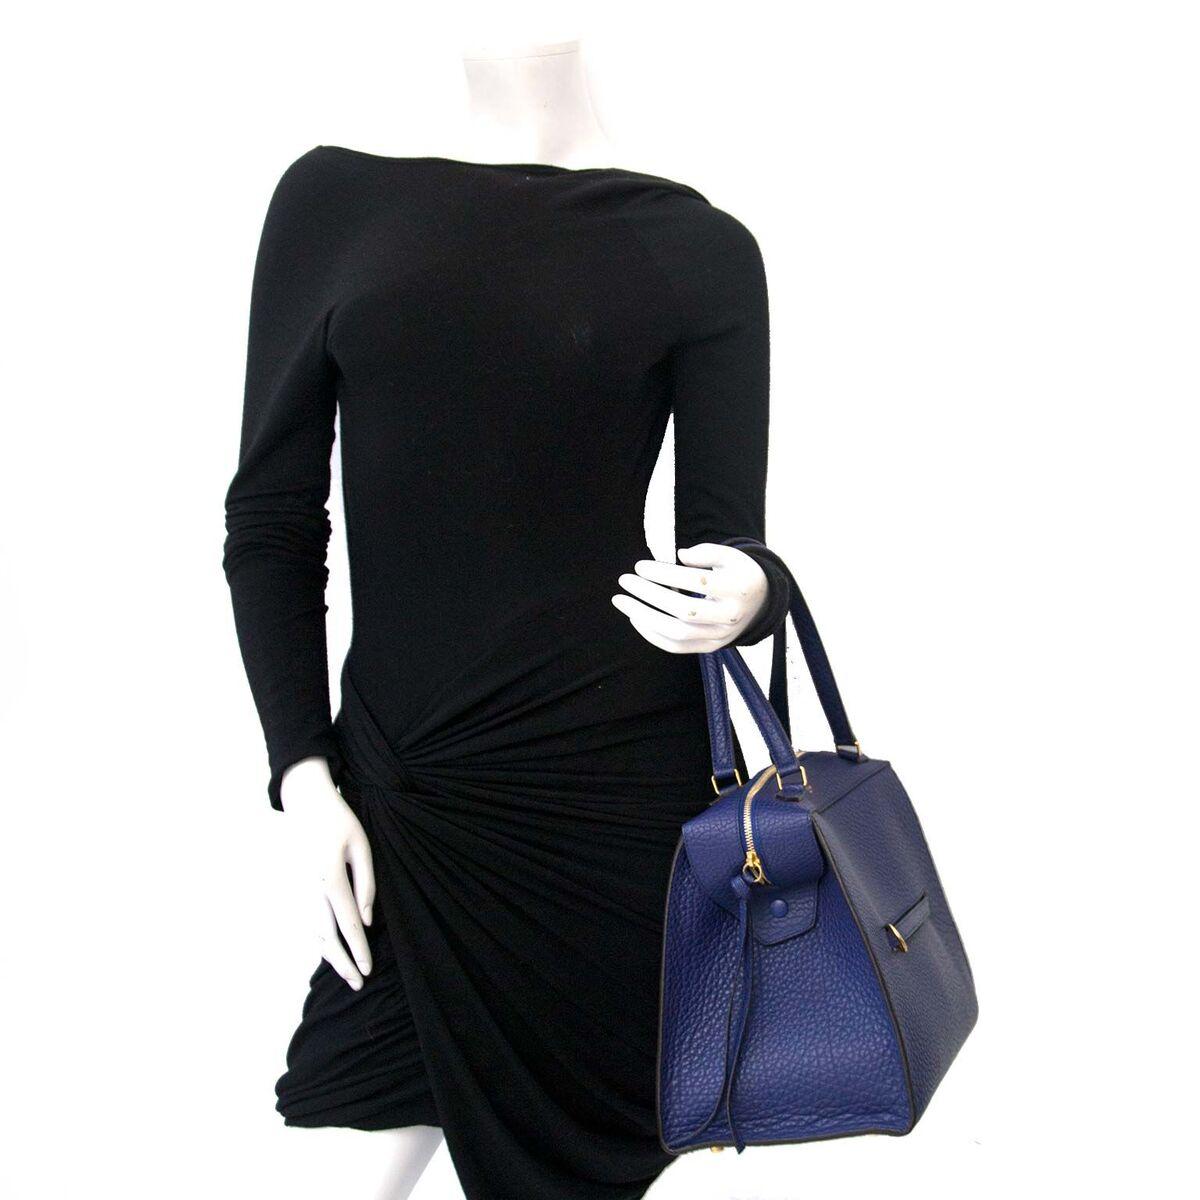 Koop authentieke tweedehands Céline Indigo Medium Ring Bag Calfskin aan een eerlijke prijs bij LabelLOV. Veilig online shoppen.